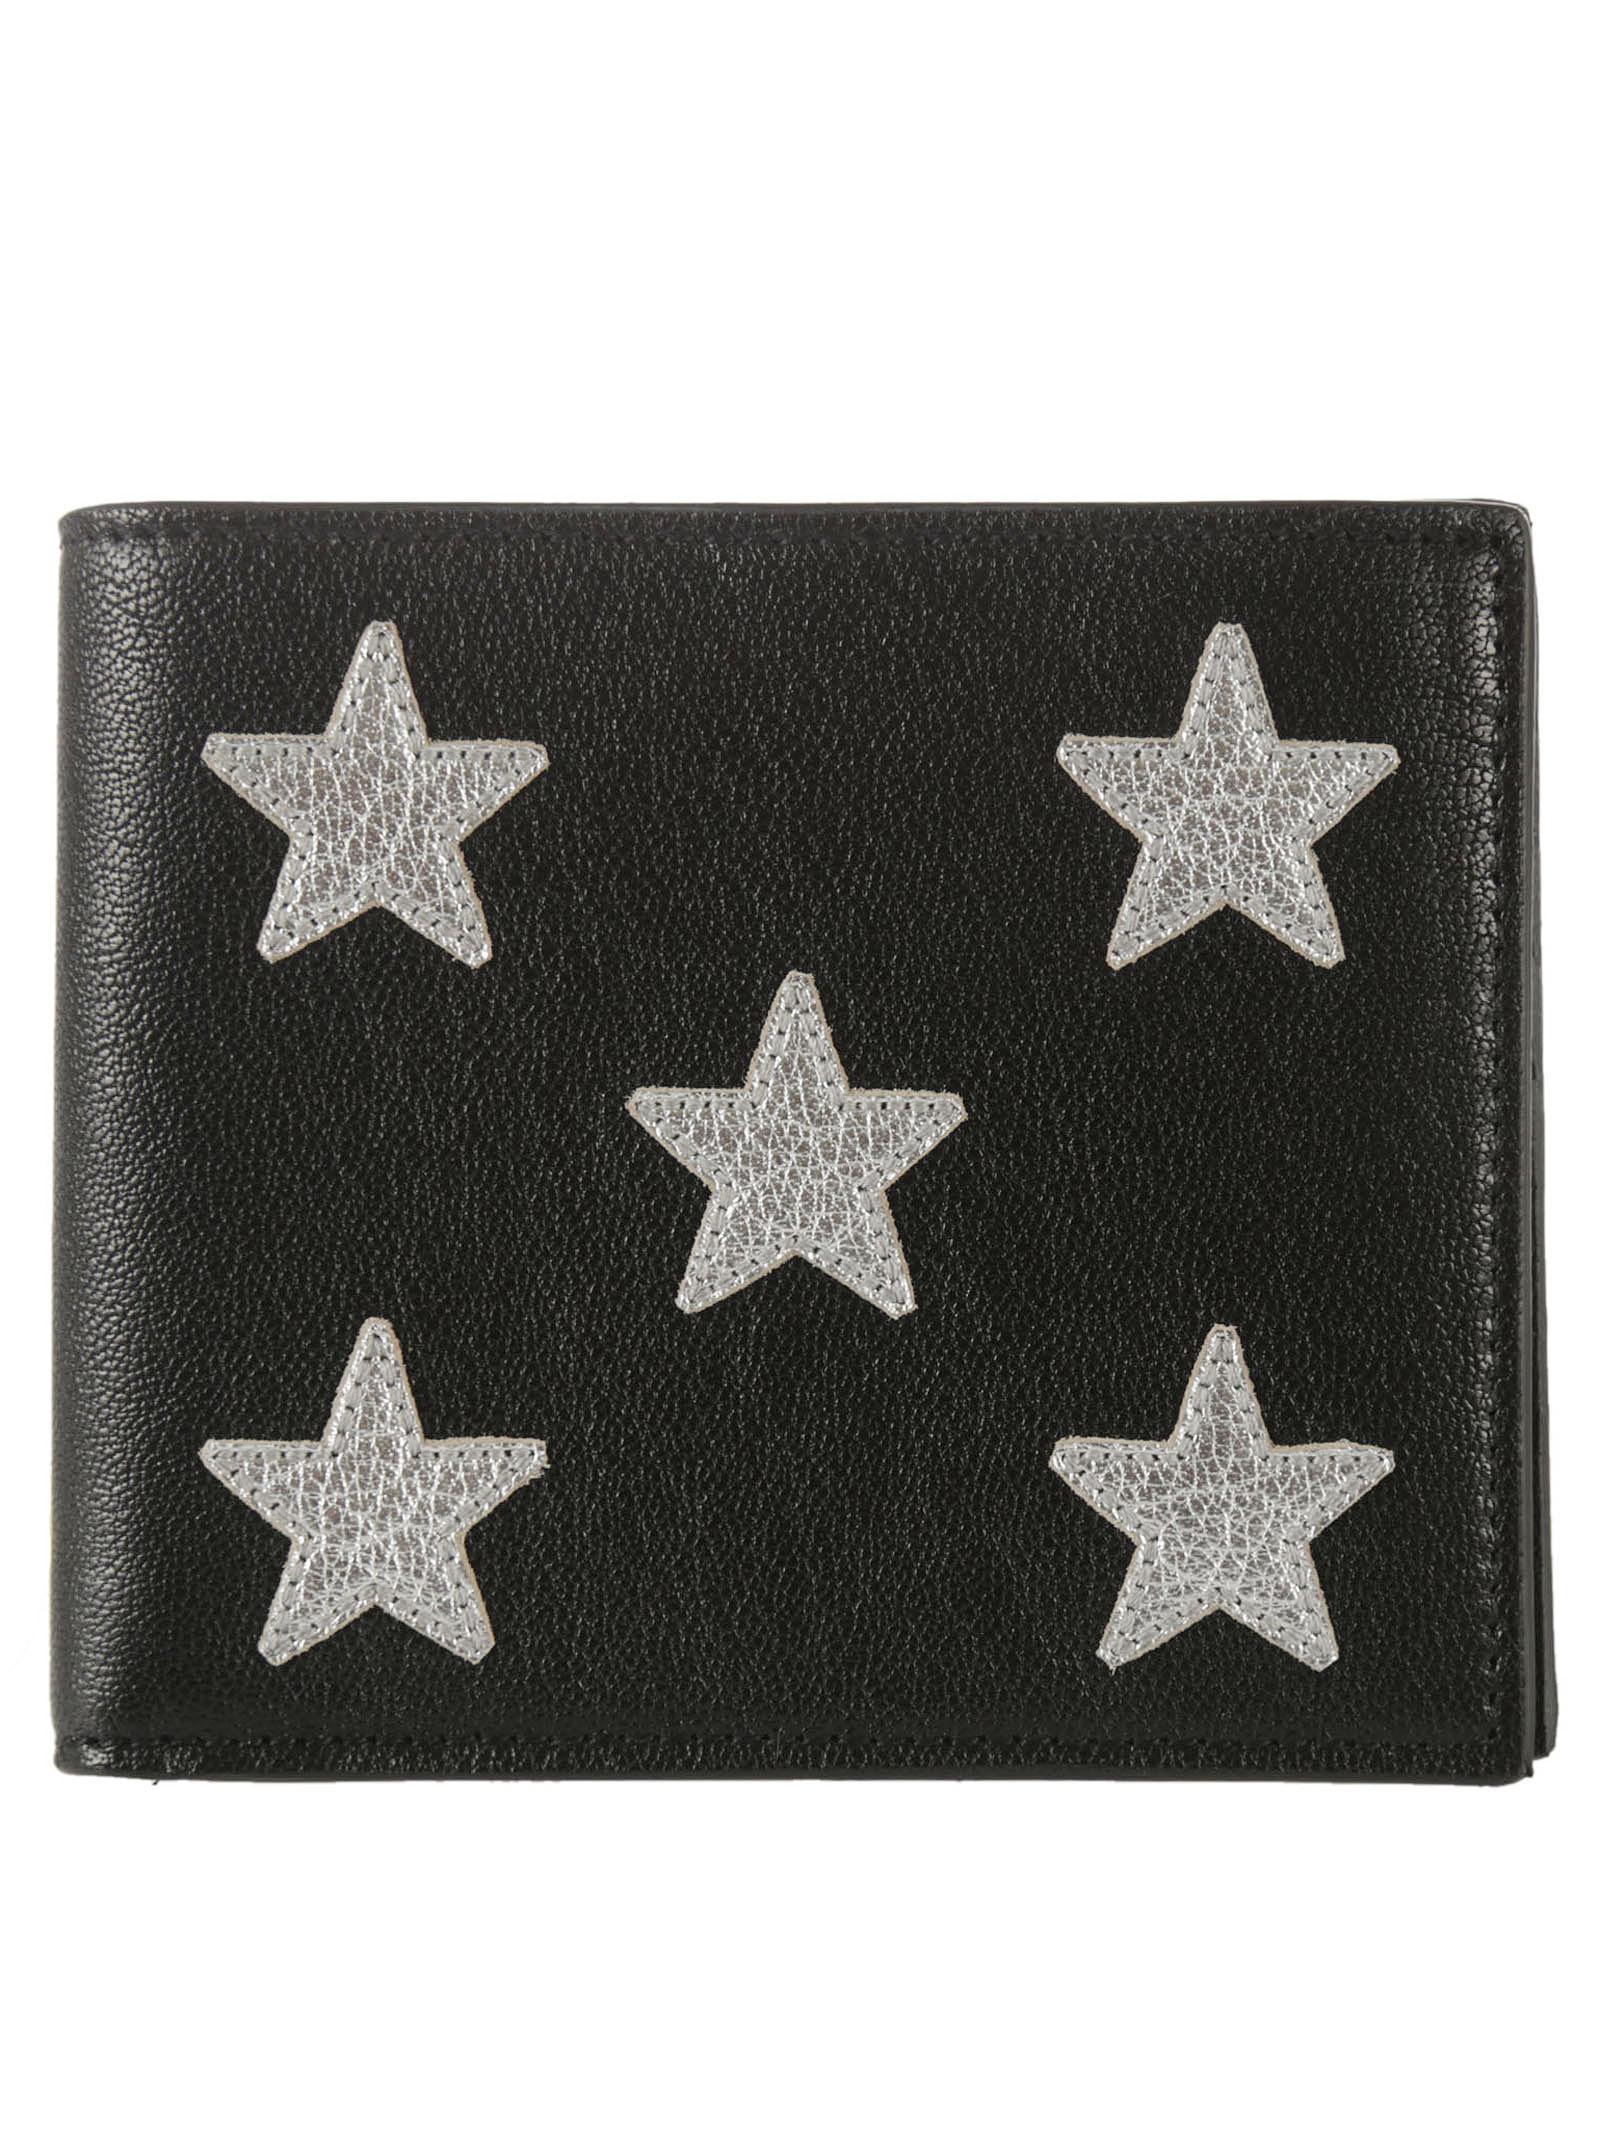 Saint Laurent Star Wallet